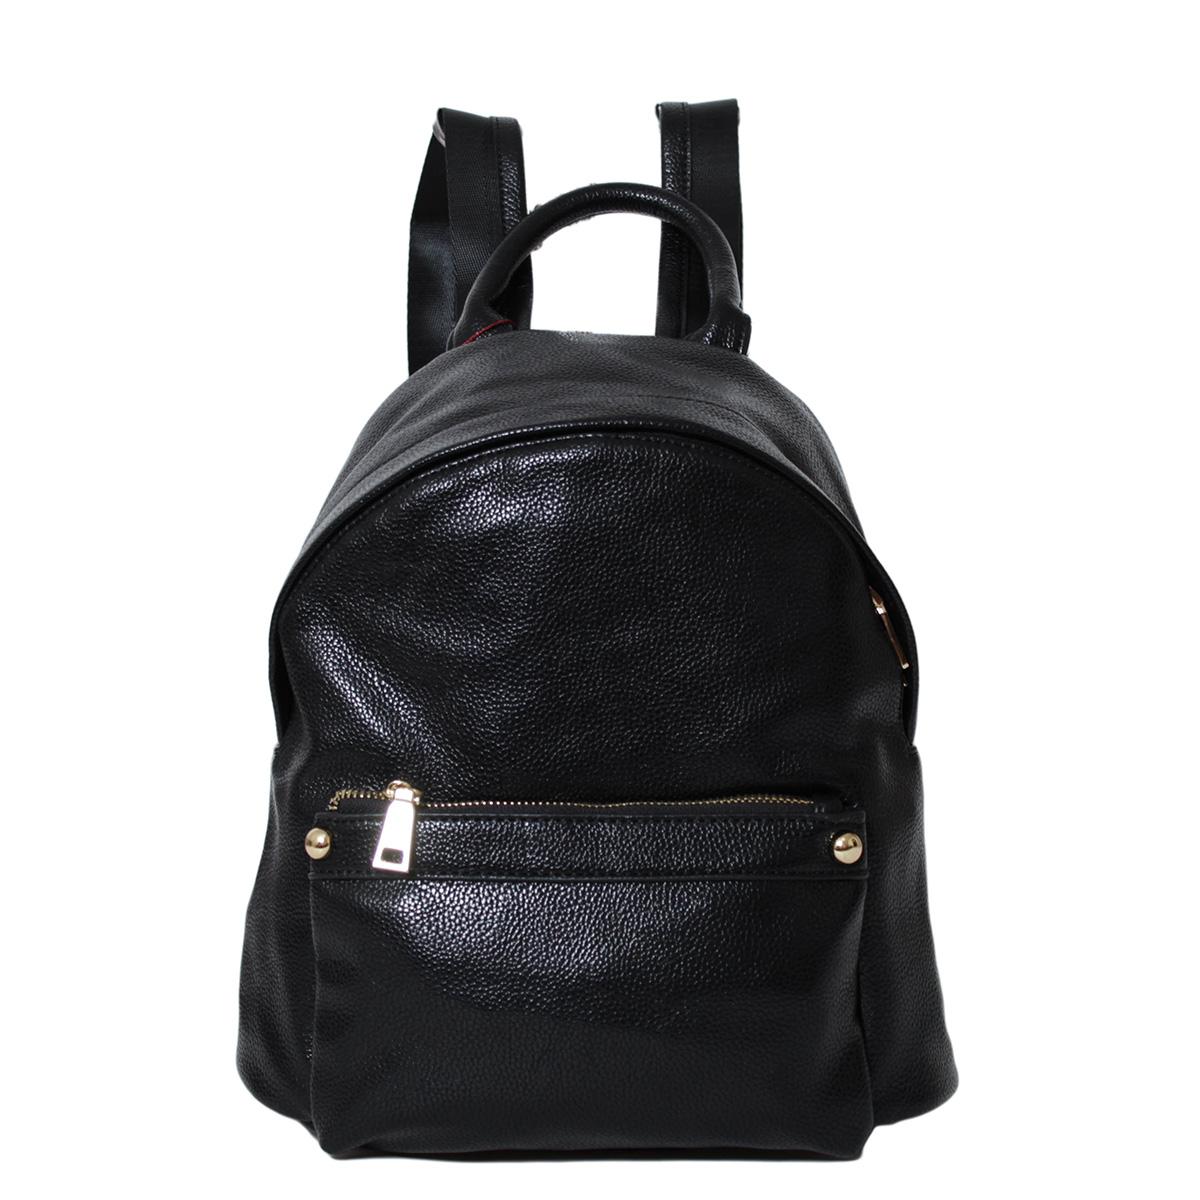 Рюкзак женский Flioraj, цвет: черный. 0005245500052455Один карман закрывается на молнии. Внутри одно отделение, один карман на молнии, один открытый карман. Снаружи два кармана на молнии. Высота ручки - 9 см.